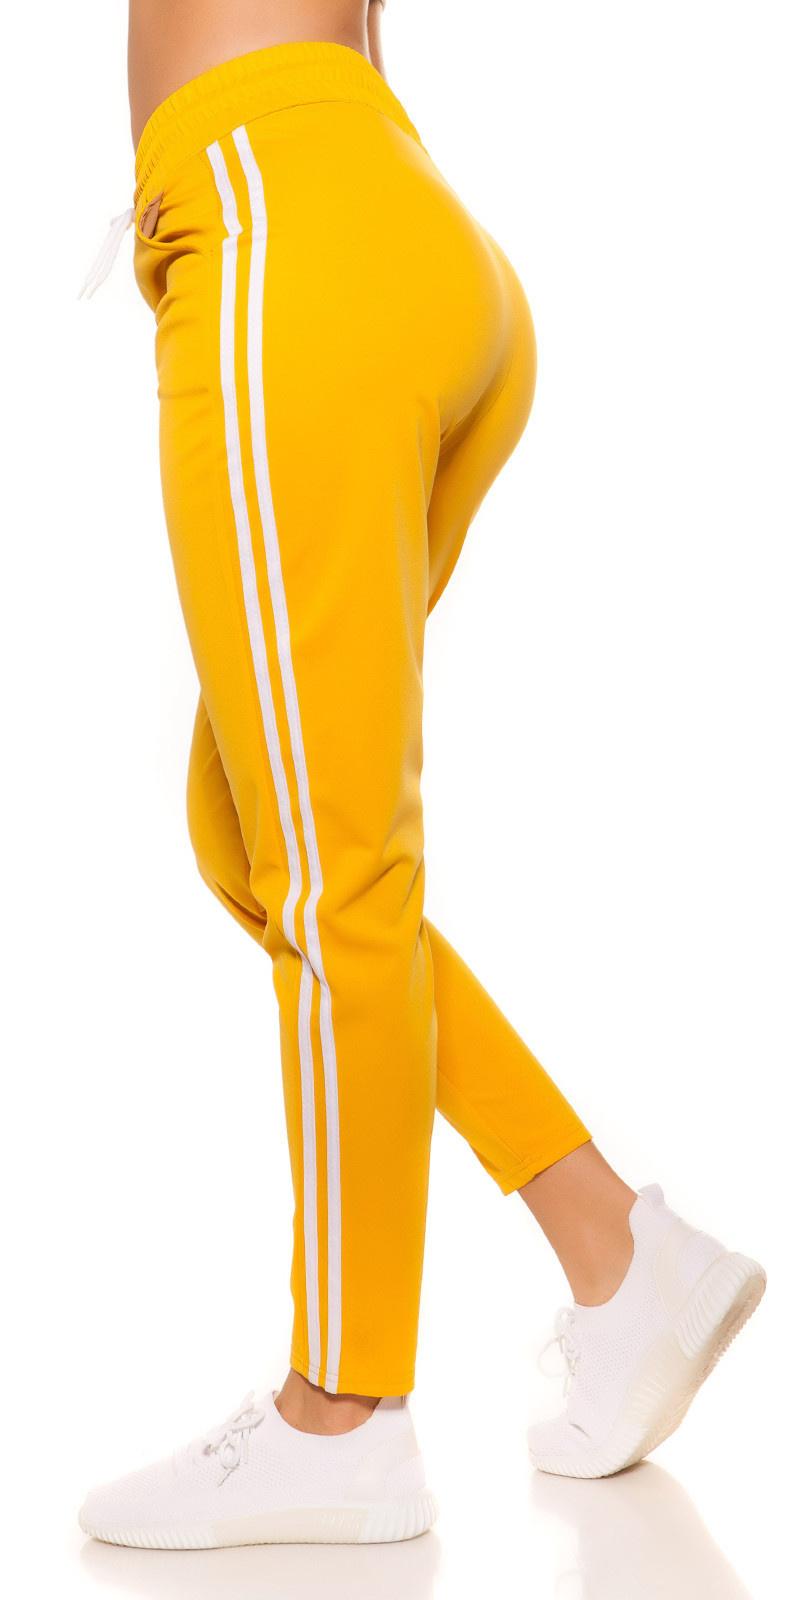 Trendy joggingbroek met strepen jaren 90 retro look geel